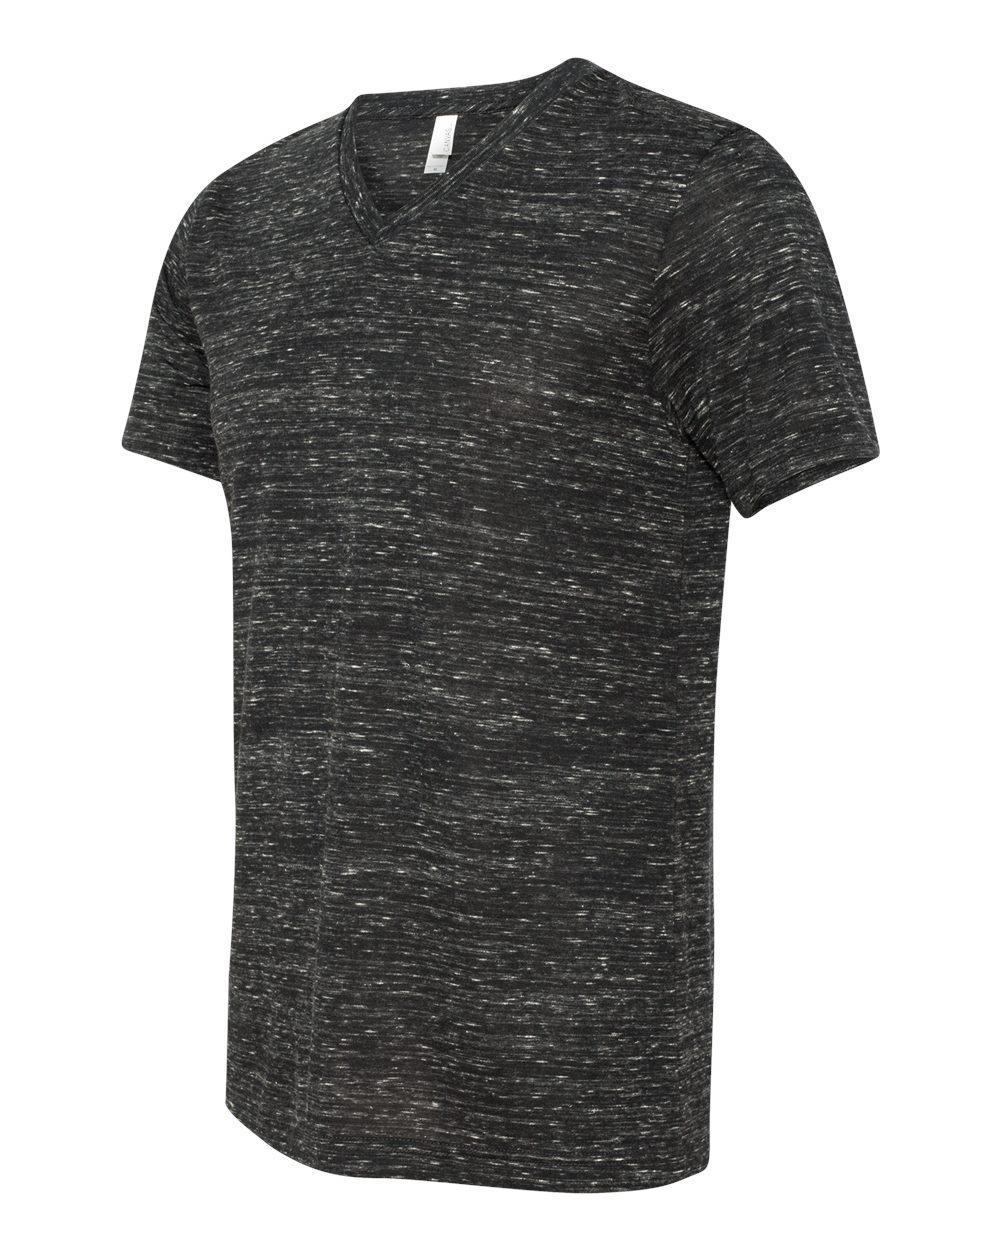 Bella-Canvas-Men-039-s-Jersey-Short-Sleeve-V-Neck-T-Shirt-3005-XS-3XL thumbnail 6